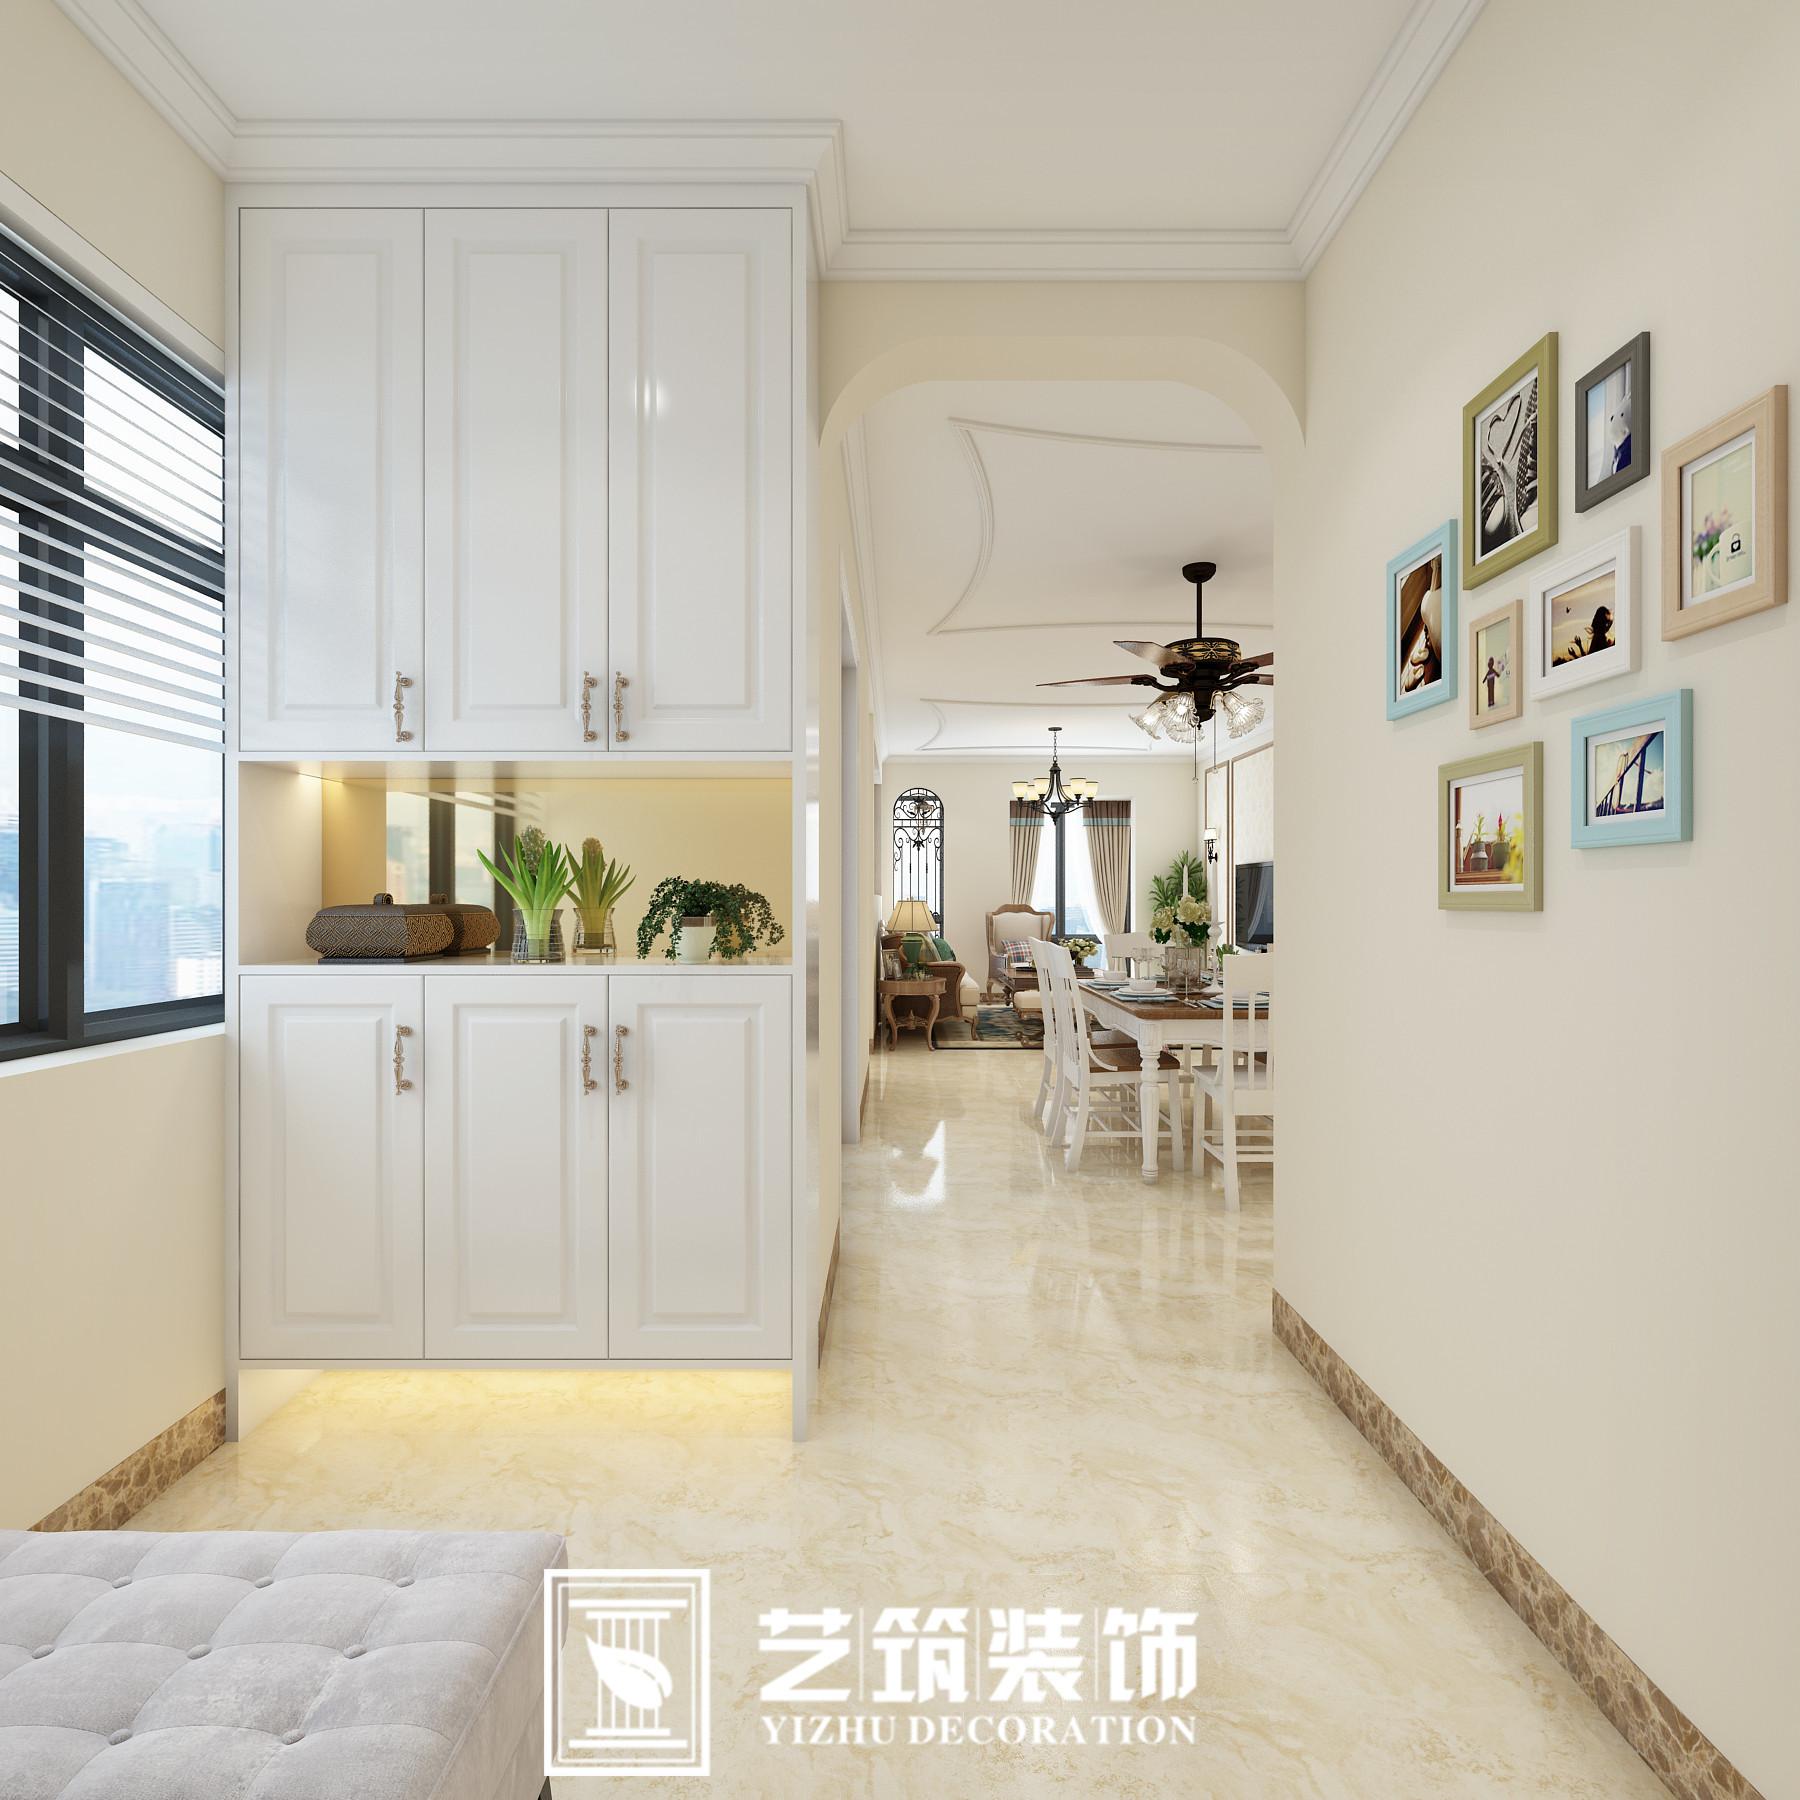 房产 正文  装修面积:100 平米 房屋户型:三居室 装修风格:美式风格